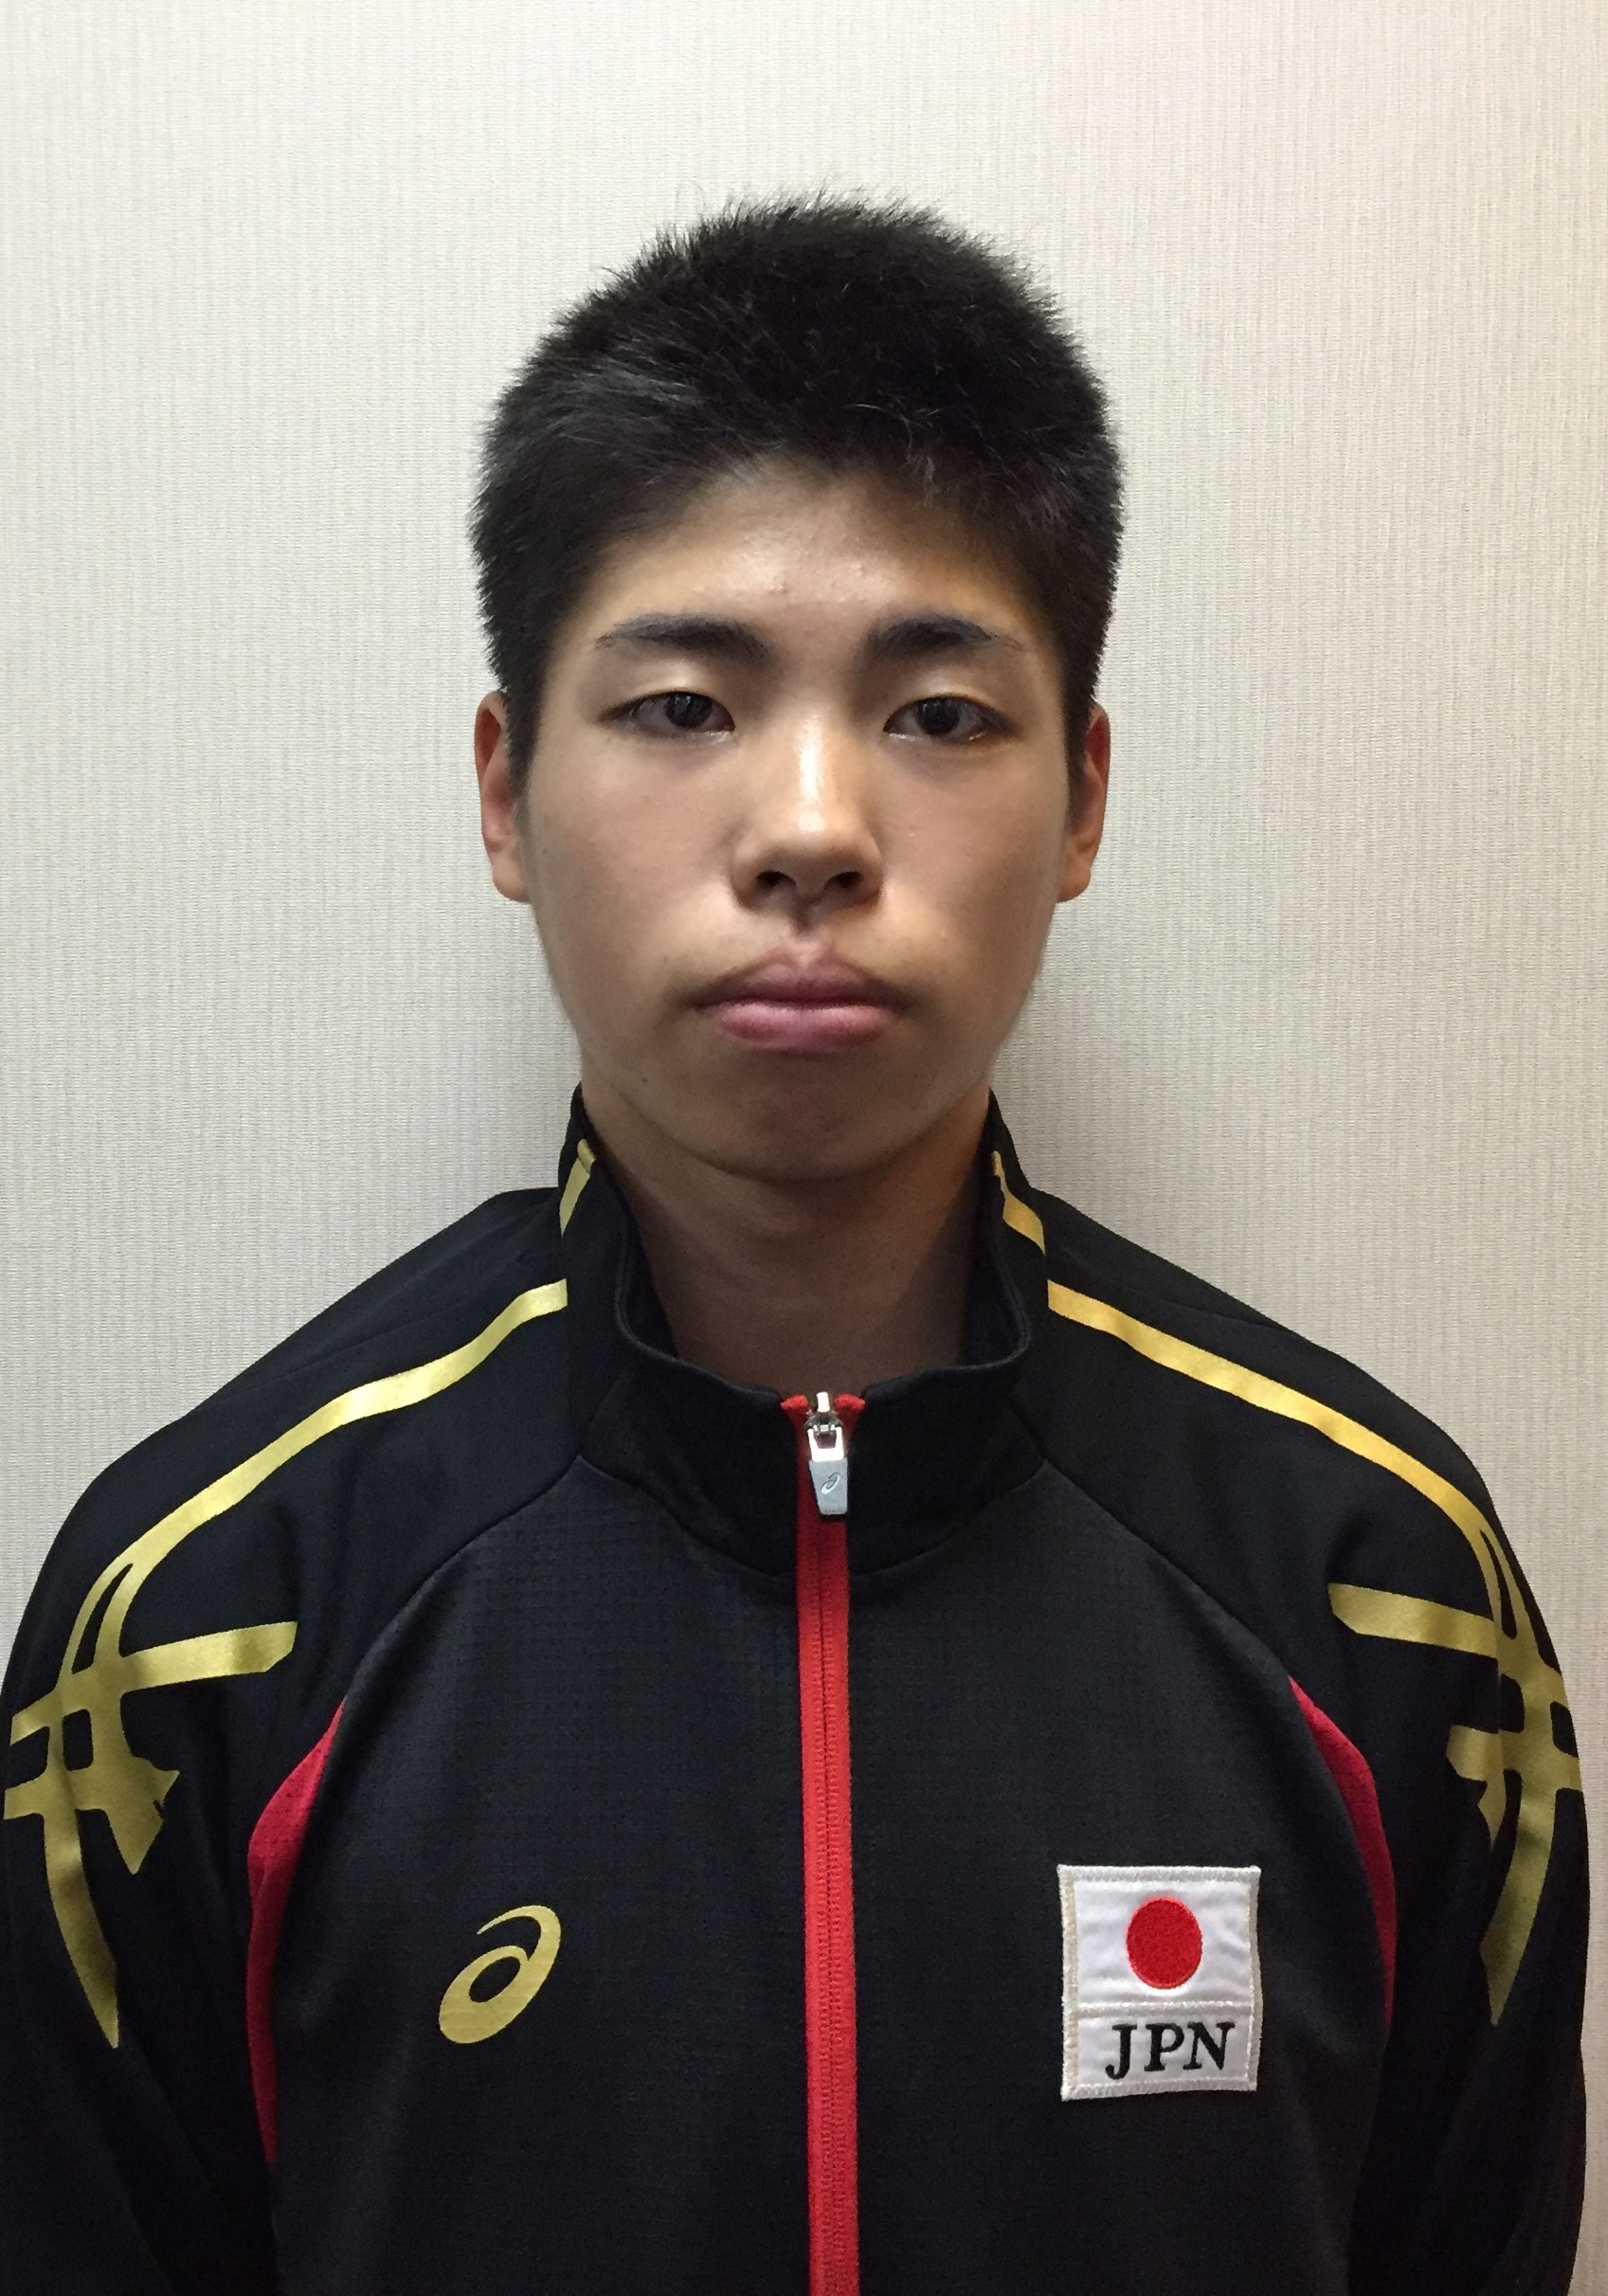 Daiki Yamada